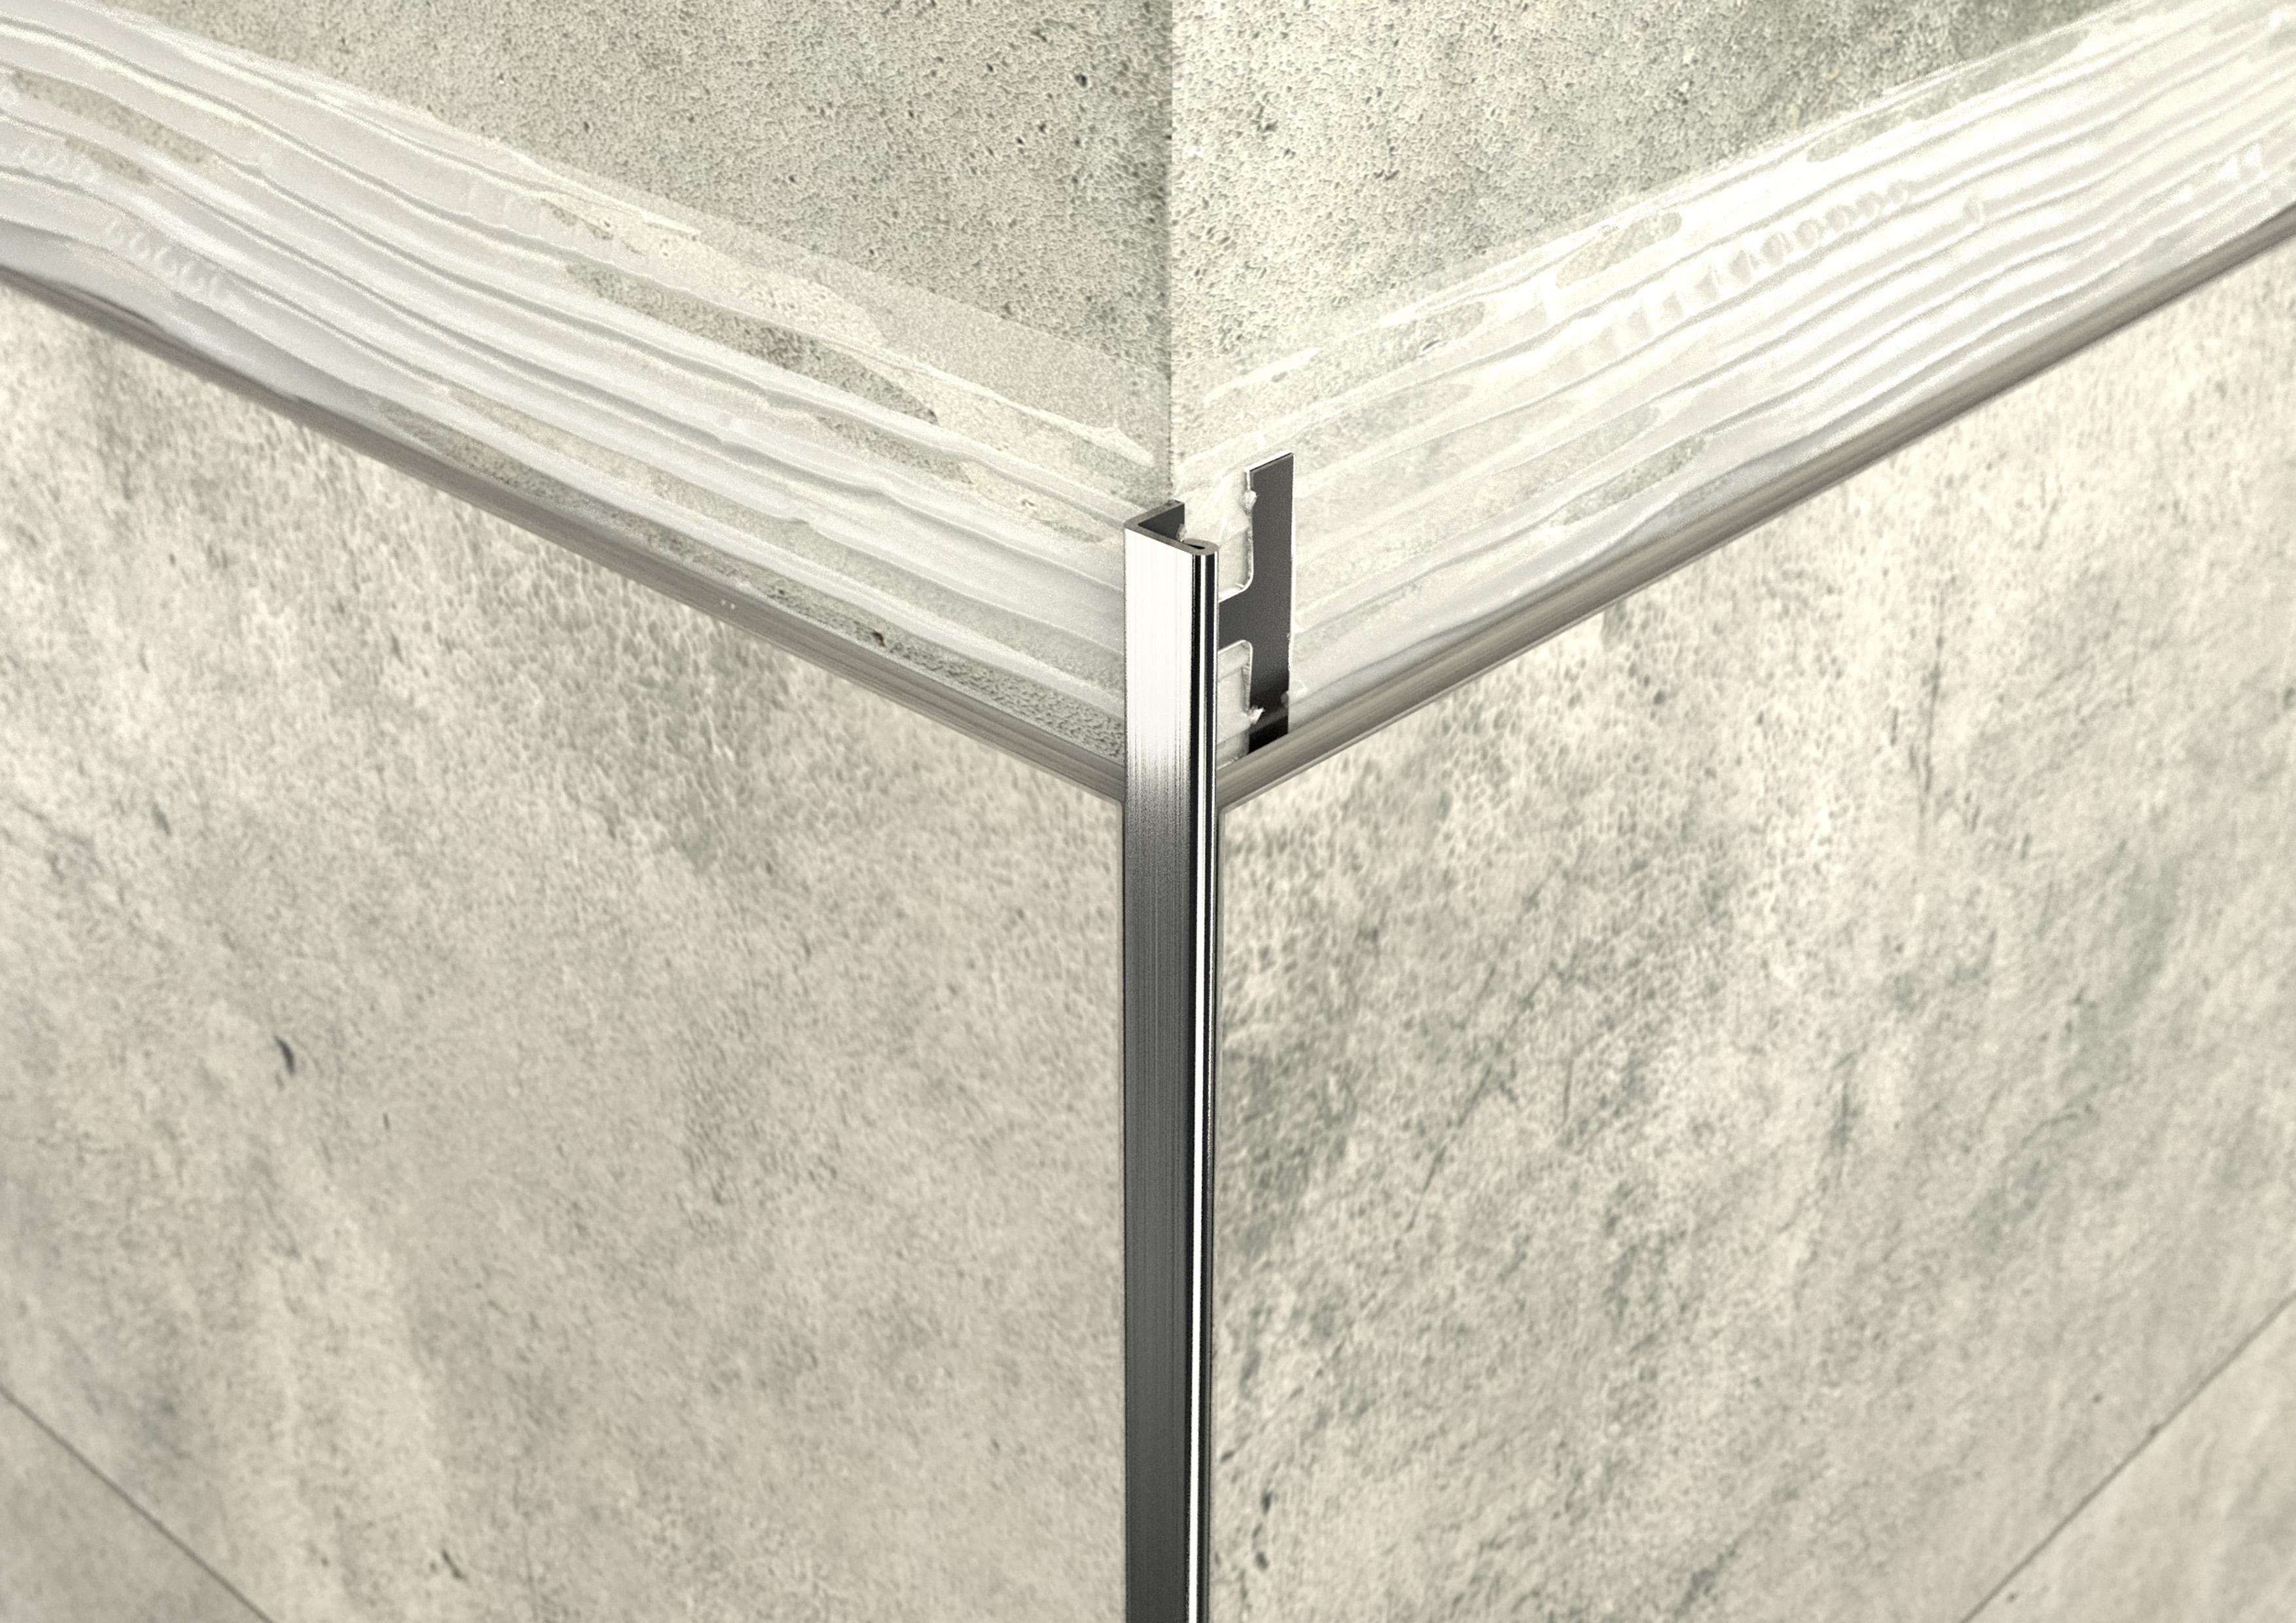 ACÉL L 4,5mm profil ProfiWall 2,5M rozsdamentes acél - fényes